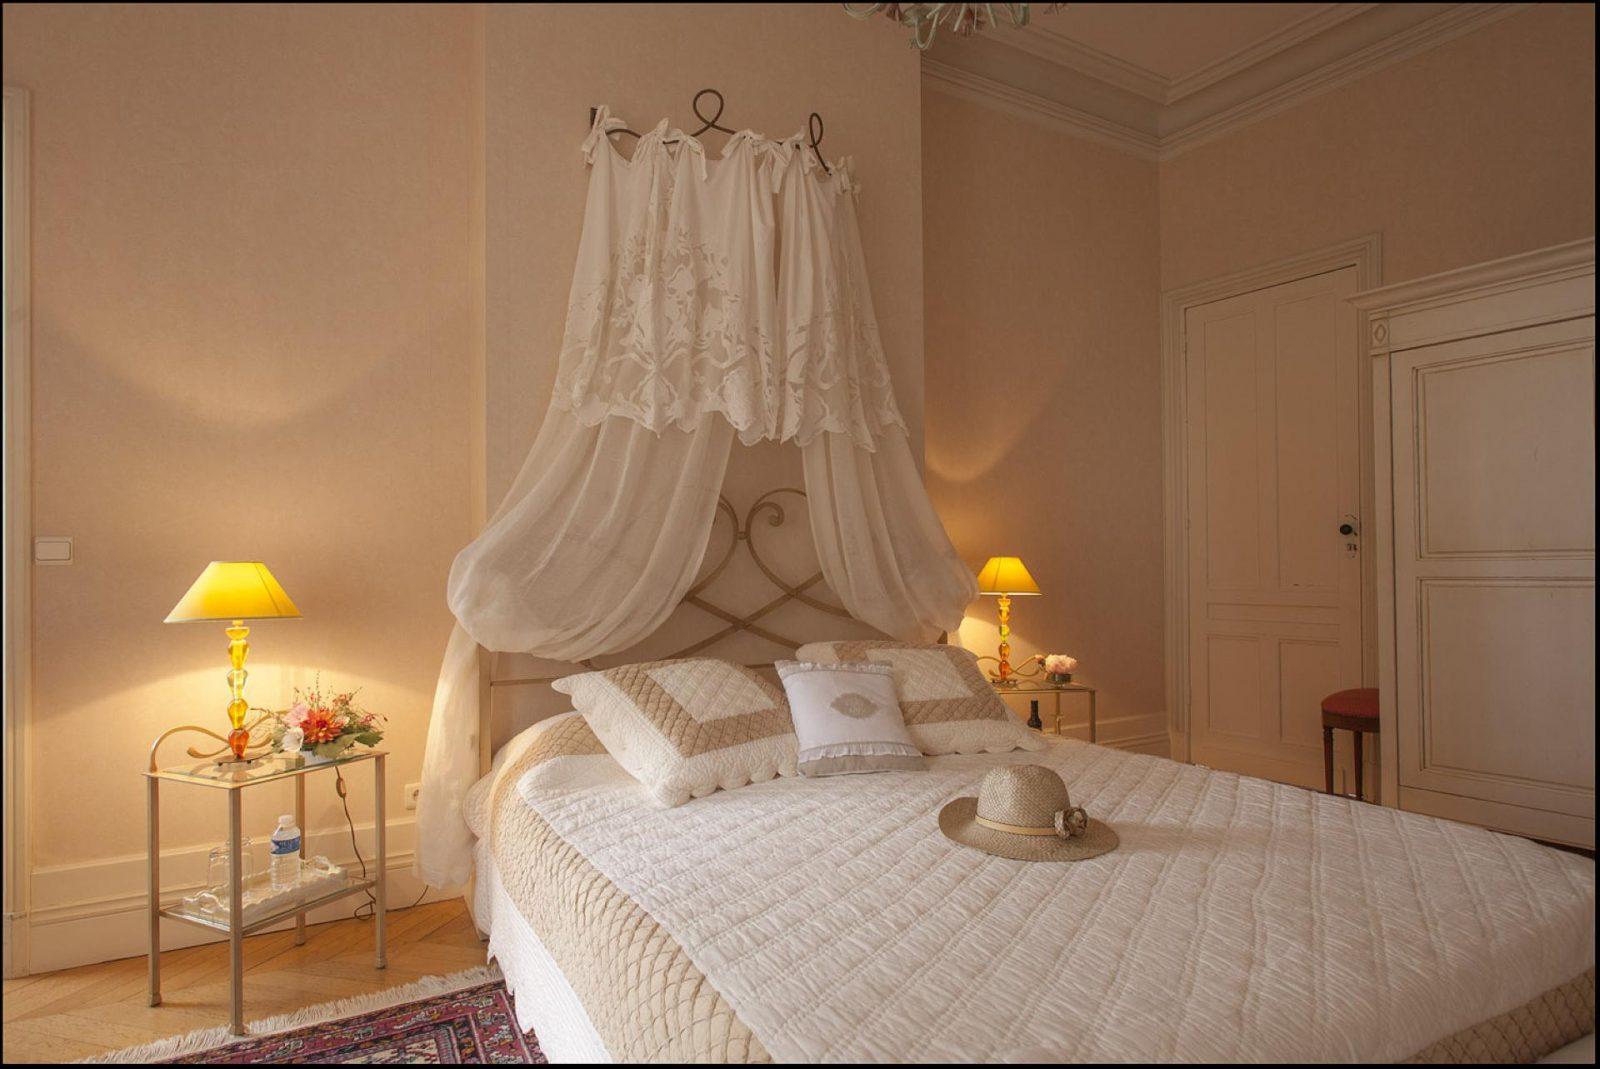 080 La Riviere bd_065 – Chambre Aliénor 1